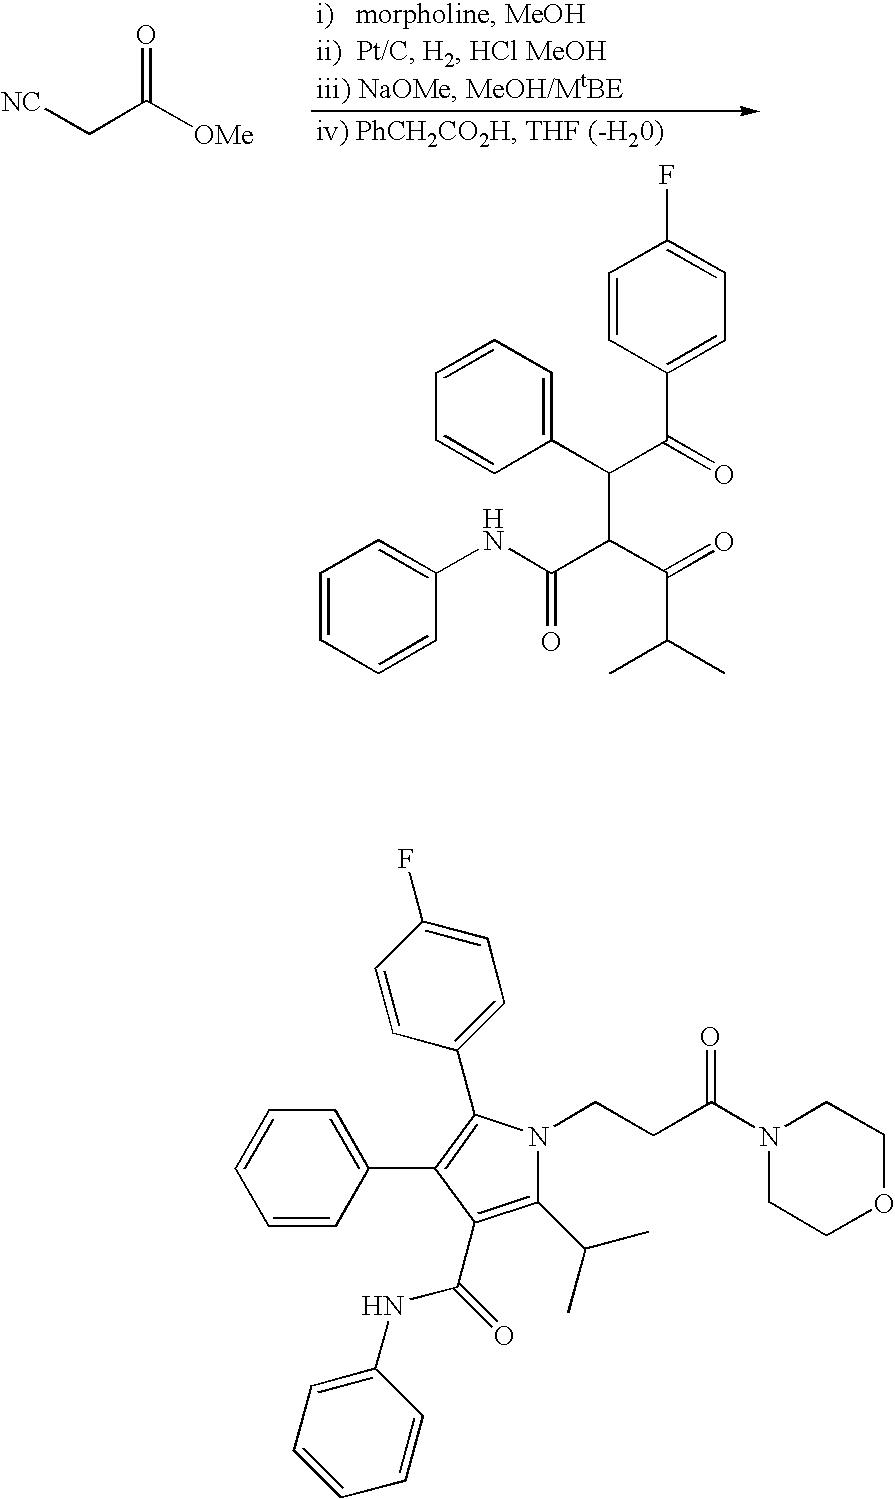 Figure US20070032662A1-20070208-C00056